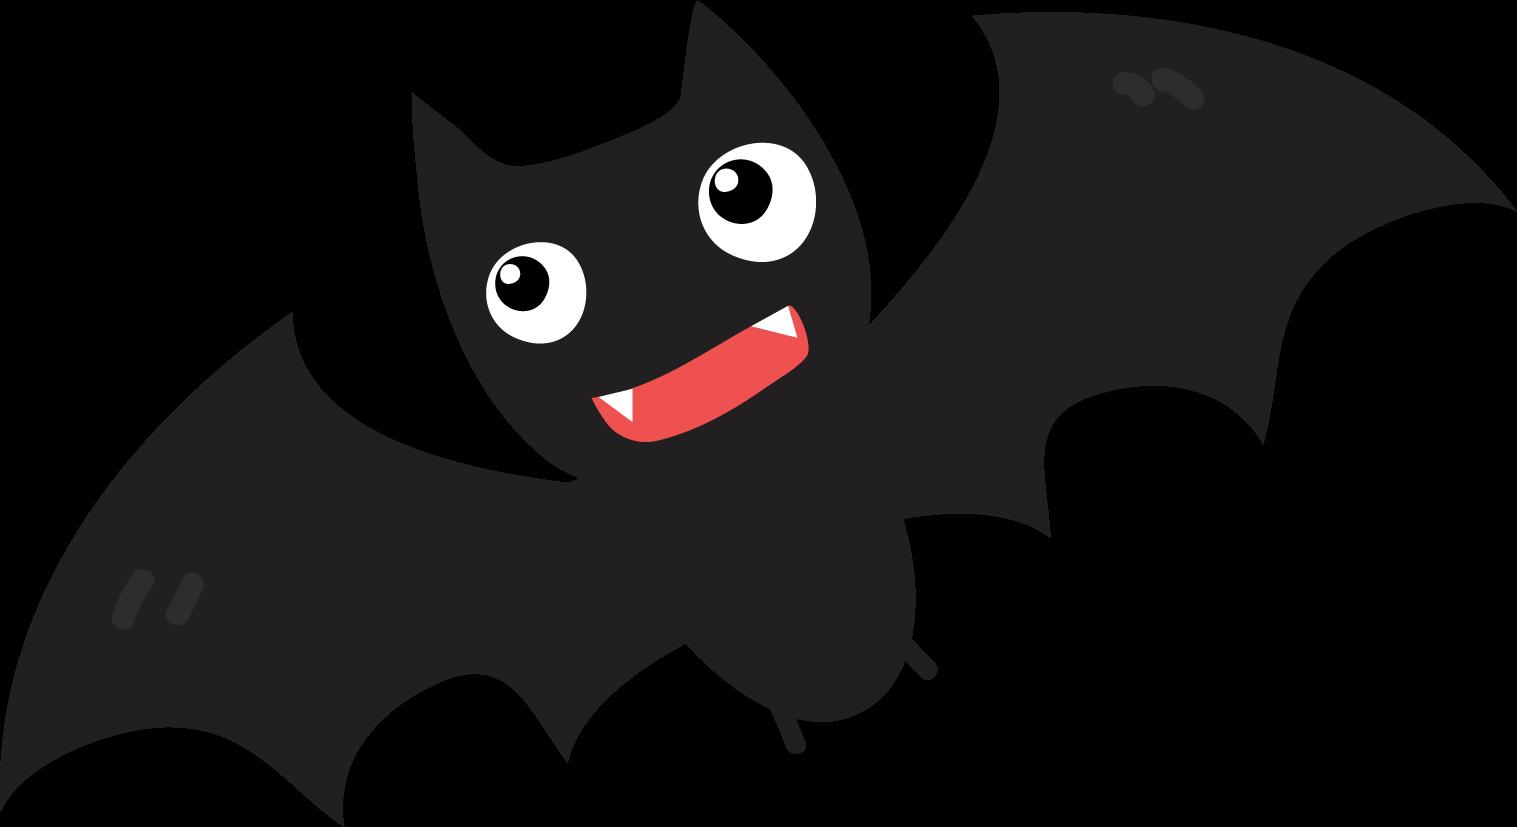 clipart transparent Clip art png download. Bat clipart.